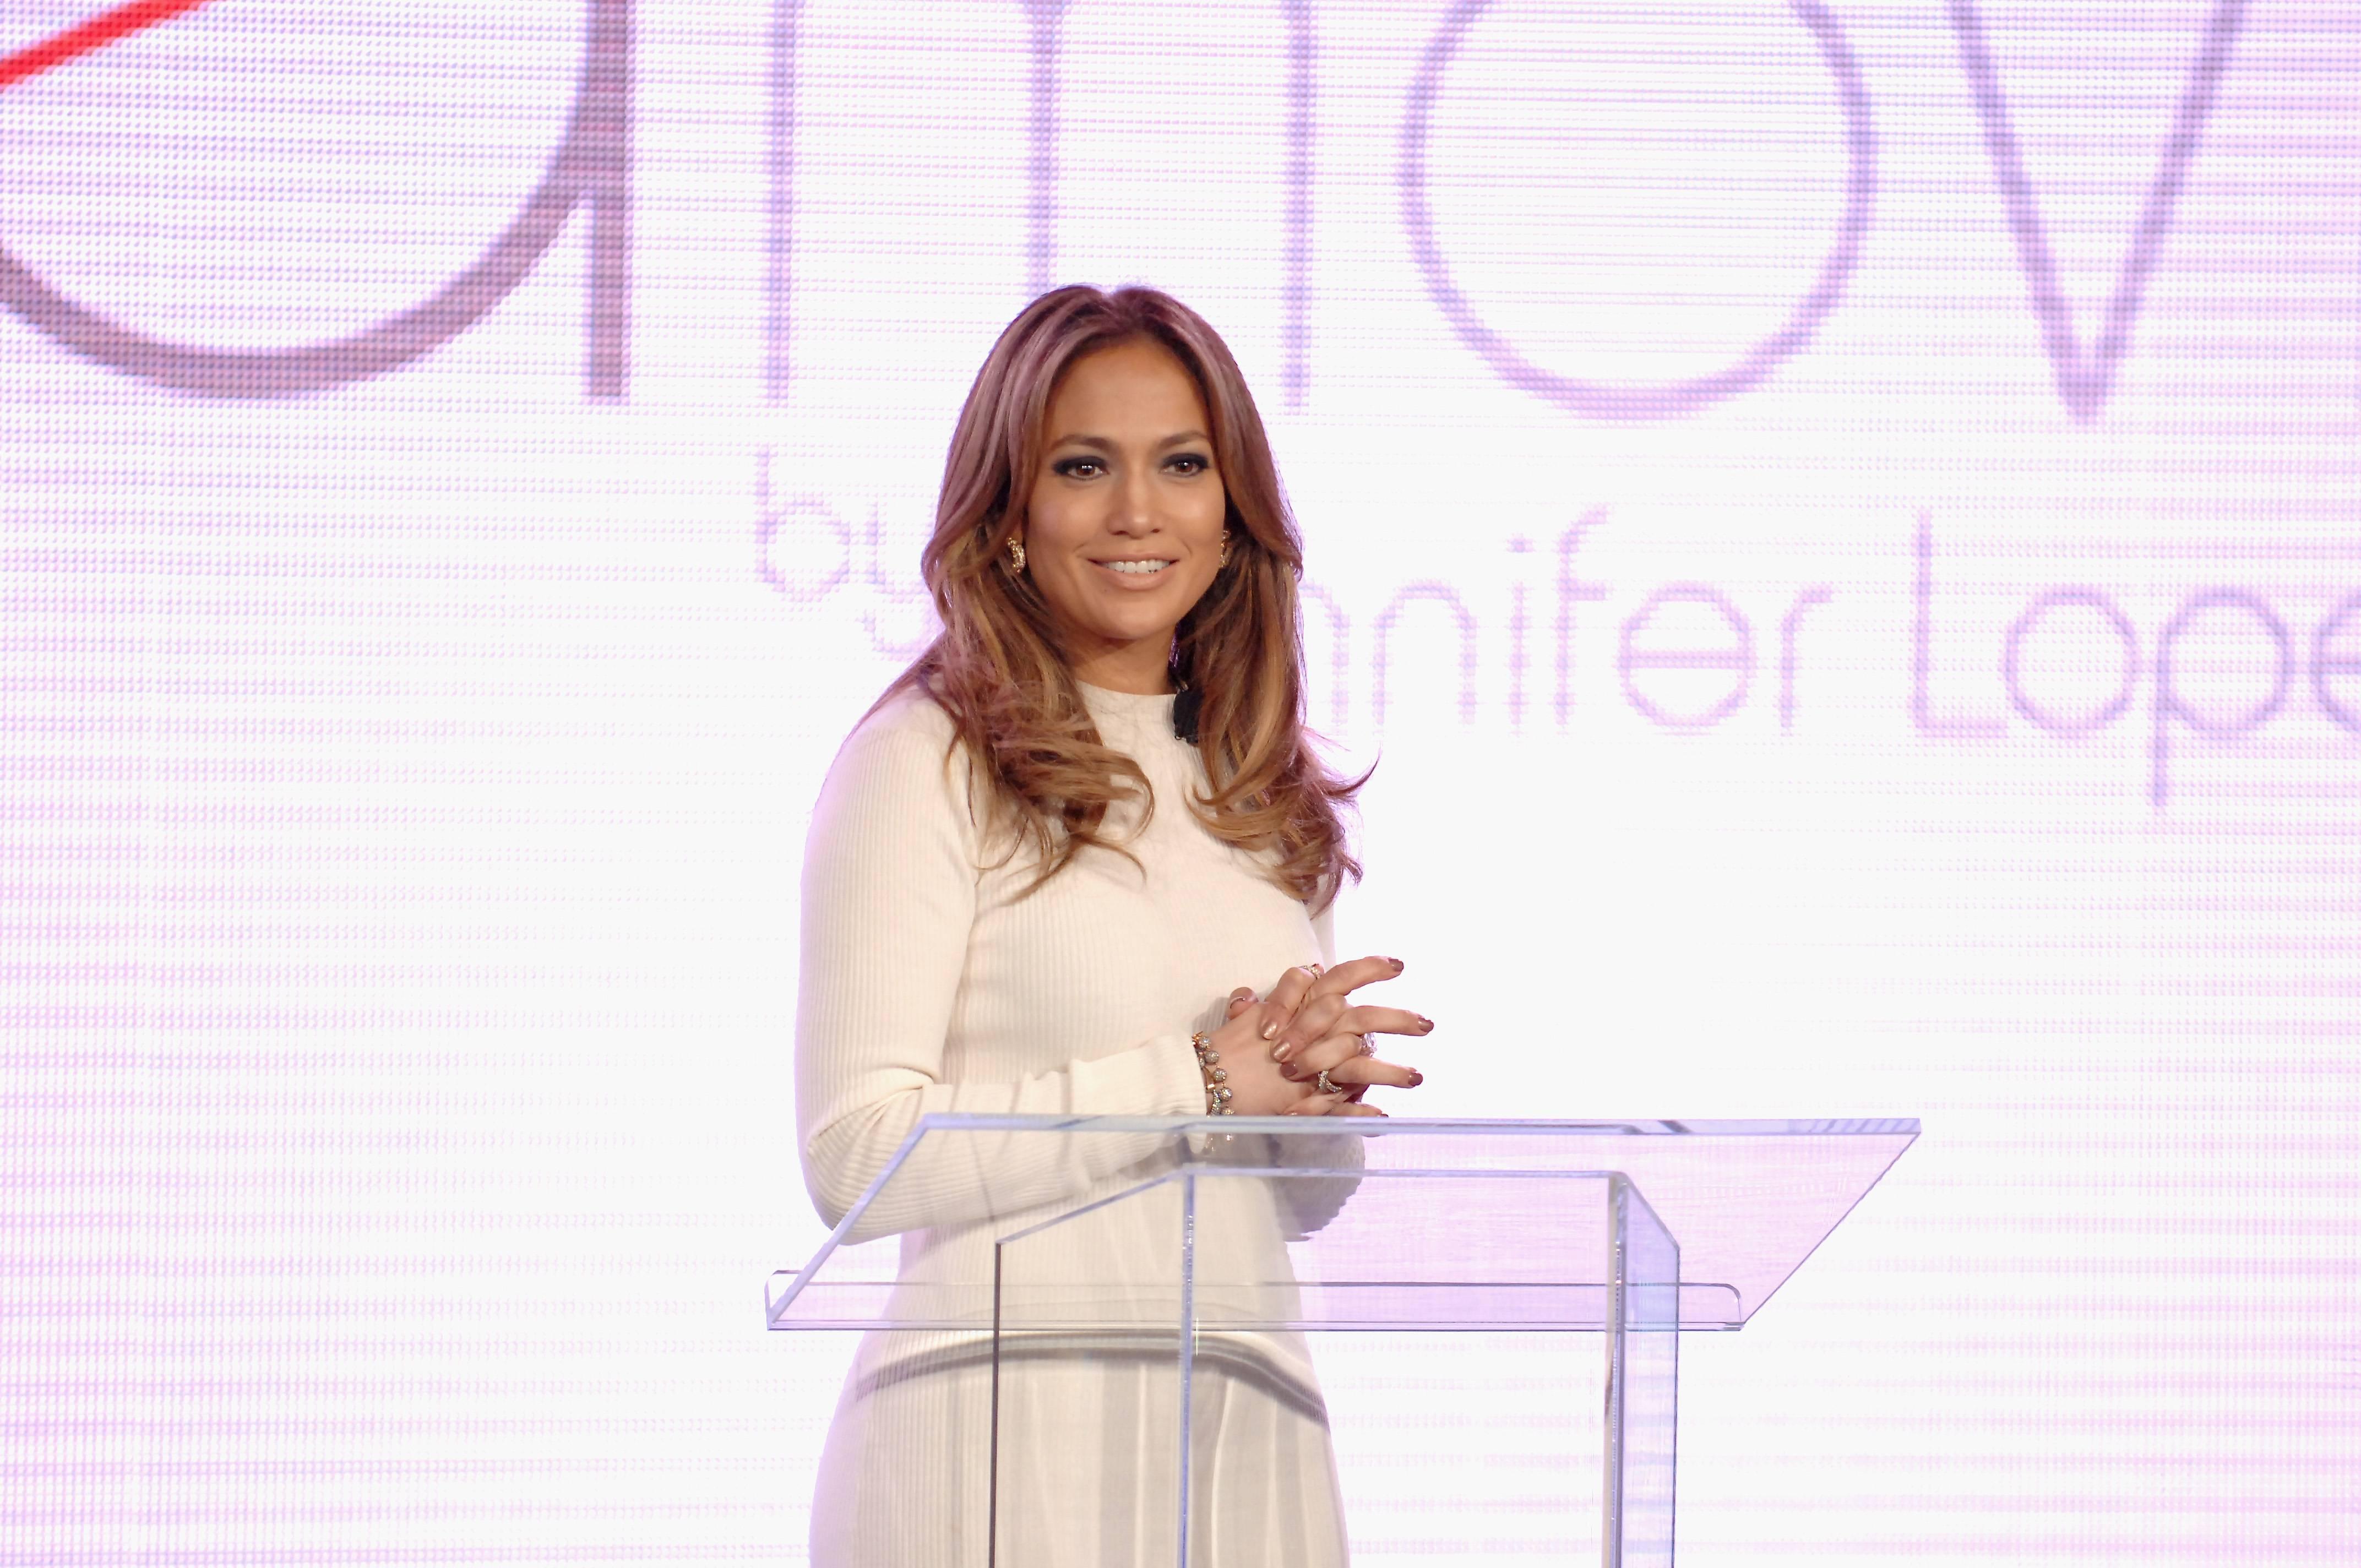 Jennifer Lopez And Marni Walden, Verizon Wireless Executive Vice President & COO announce Viva Movil By Jennifer Lopez